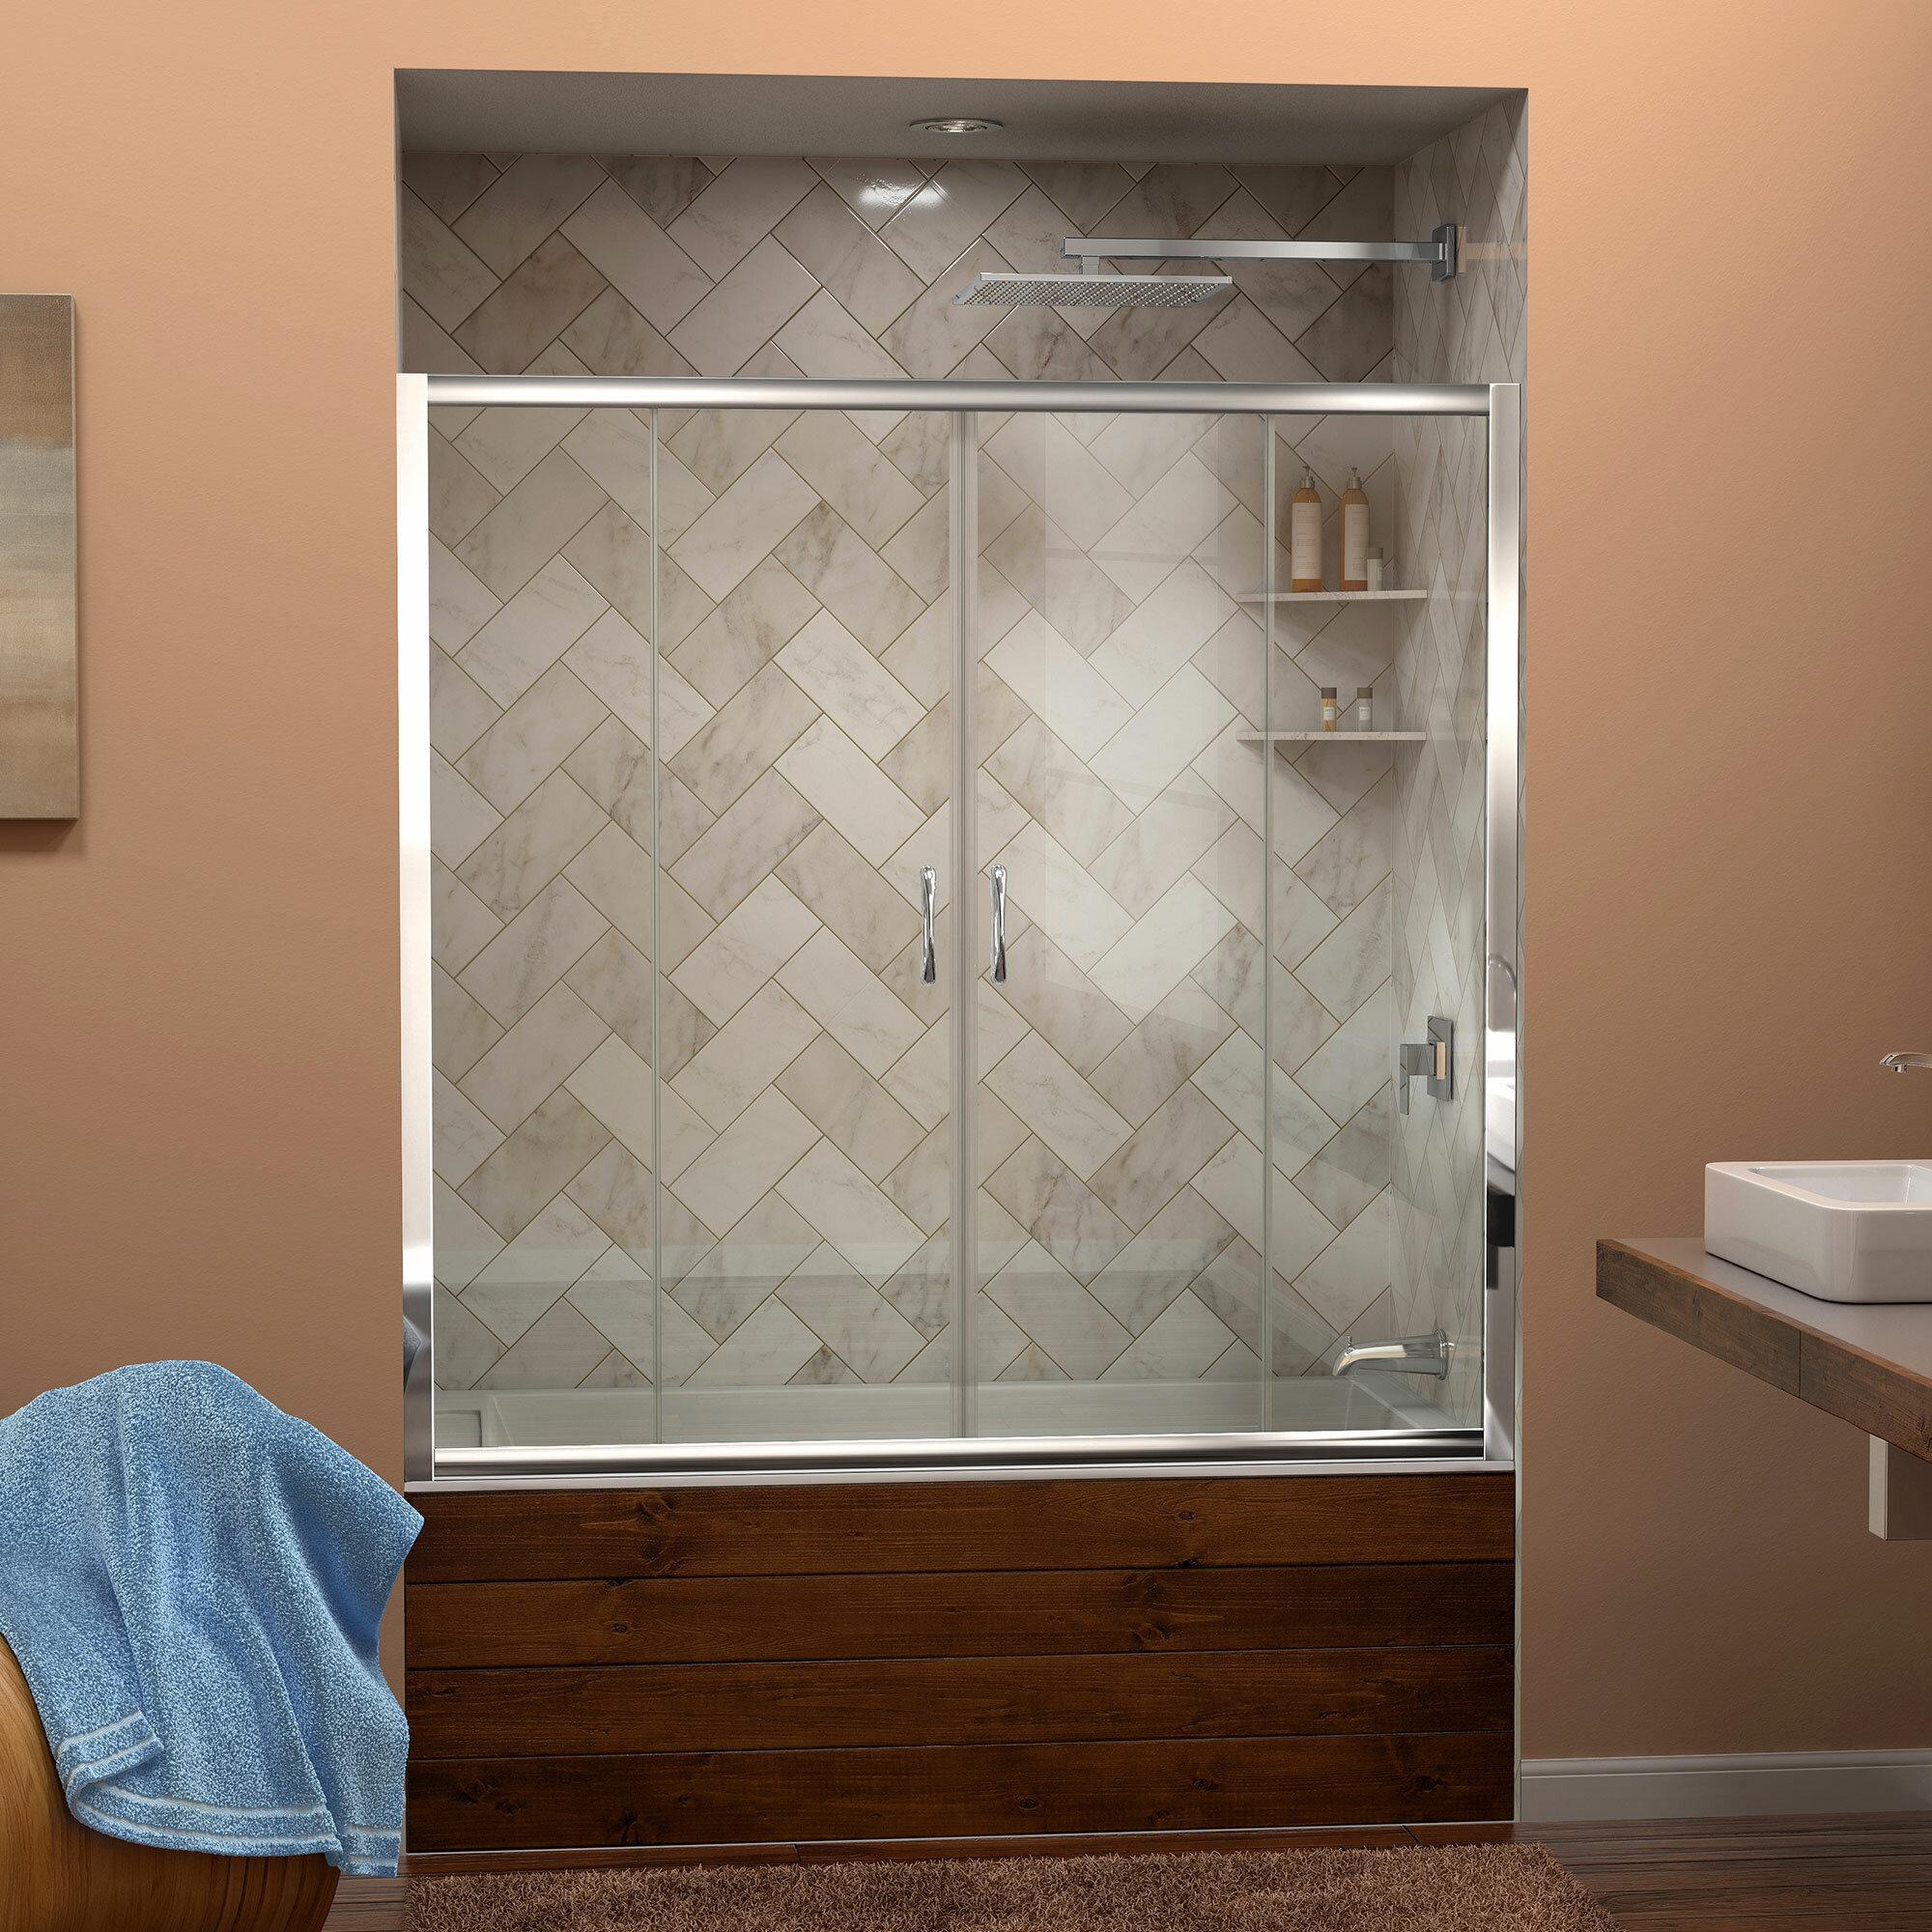 Visions 60 X 58 Double Sliding Frameless Tub Door